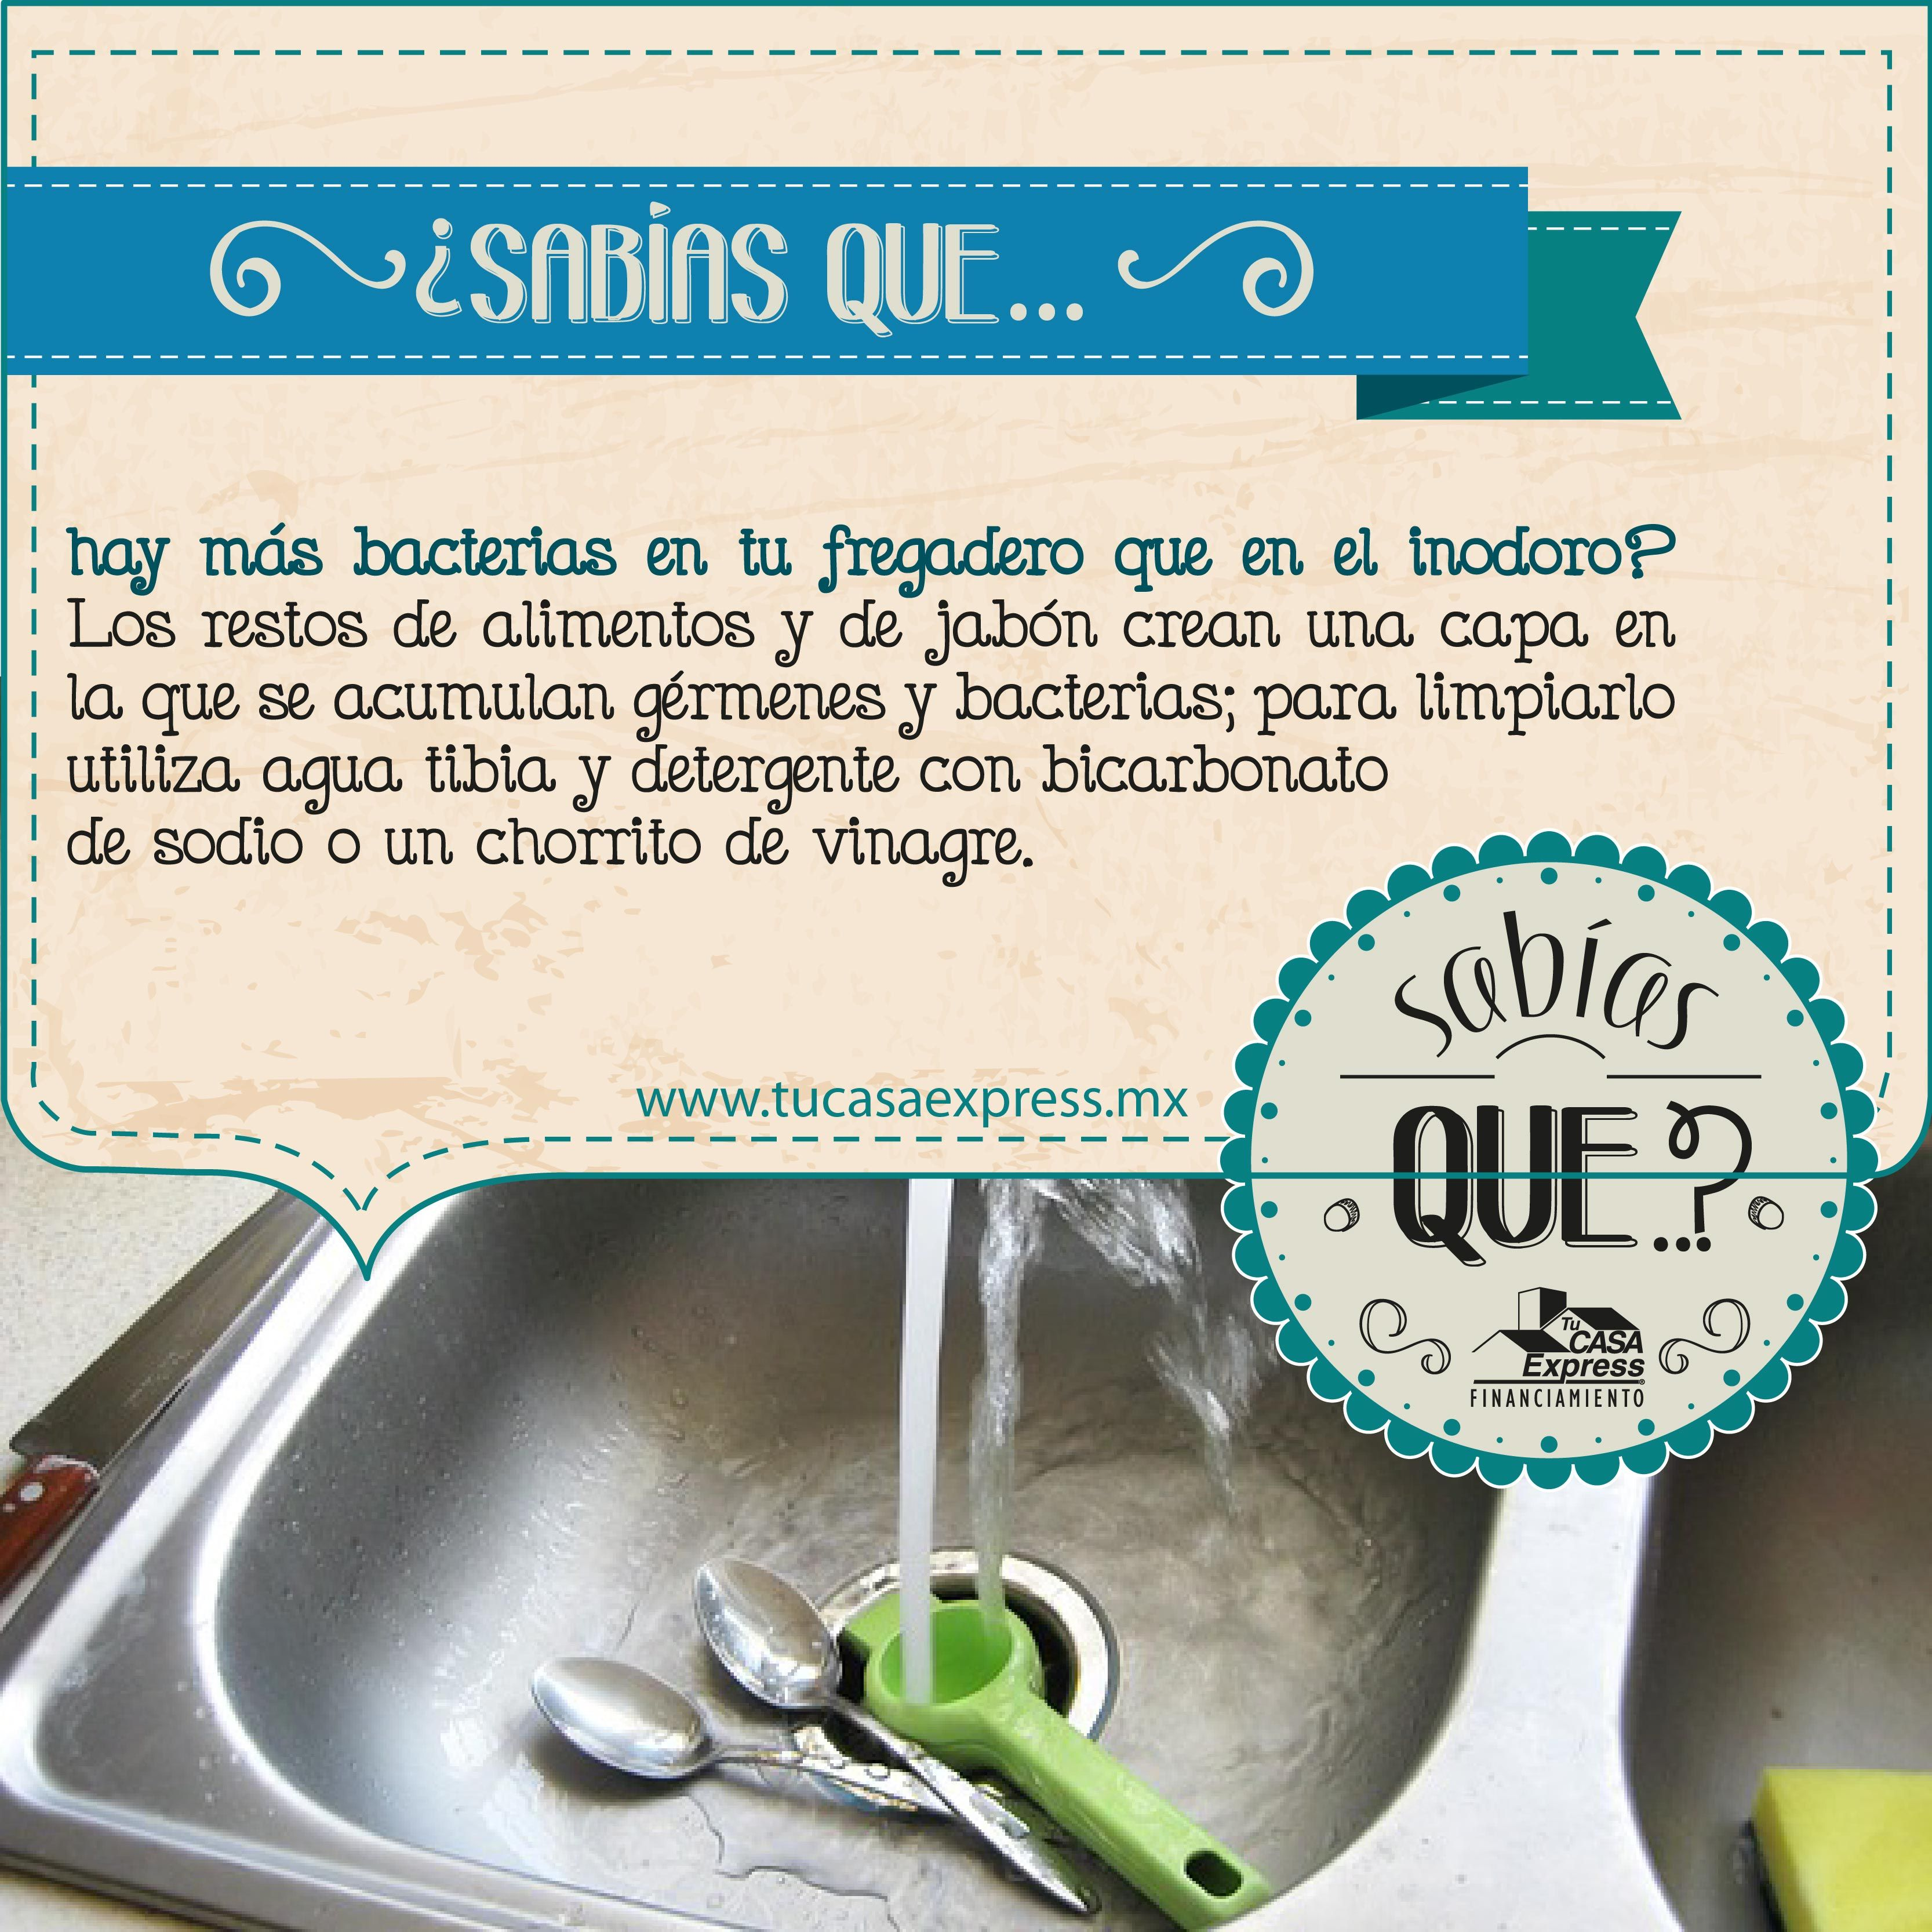 Sab As Que Hay M S Bacterias En Tu Fregadero Que En El Inodoro  ~ El Lavavajillas Deja Los Vasos Blanquecinos